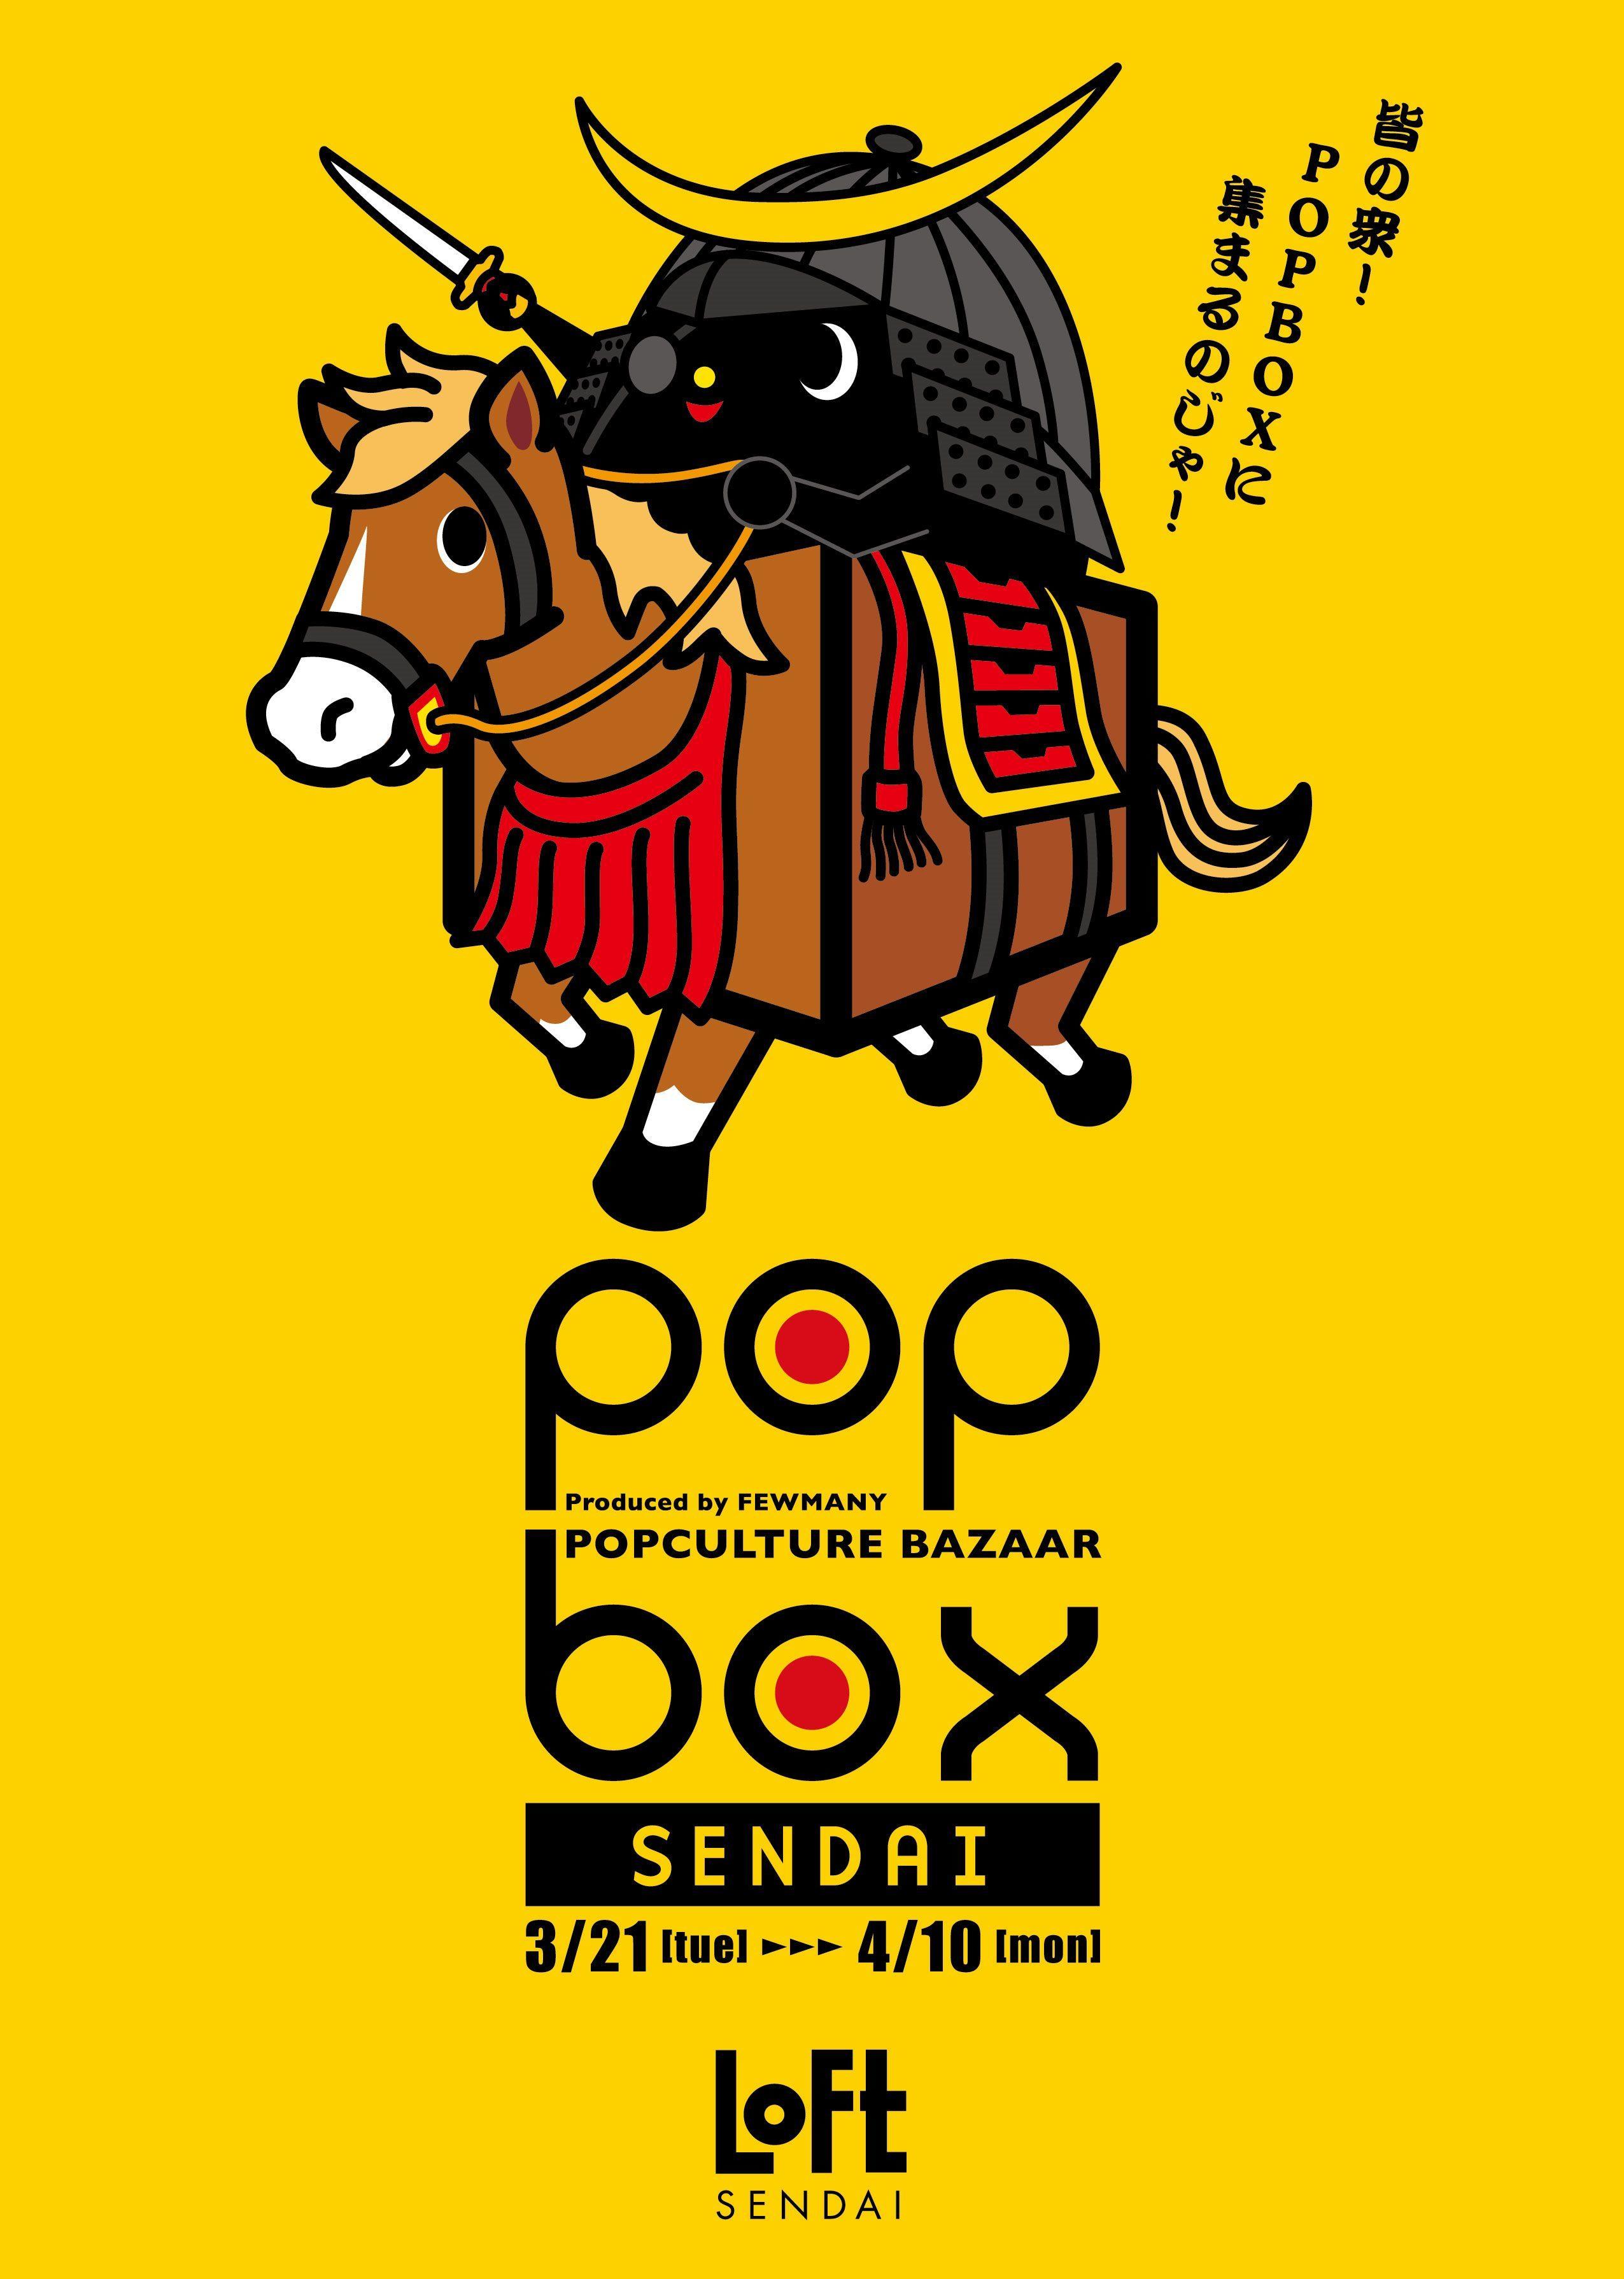 3/21~4/10《仙台 POPBOX》 開催のお知らせ_f0010033_12301288.jpg